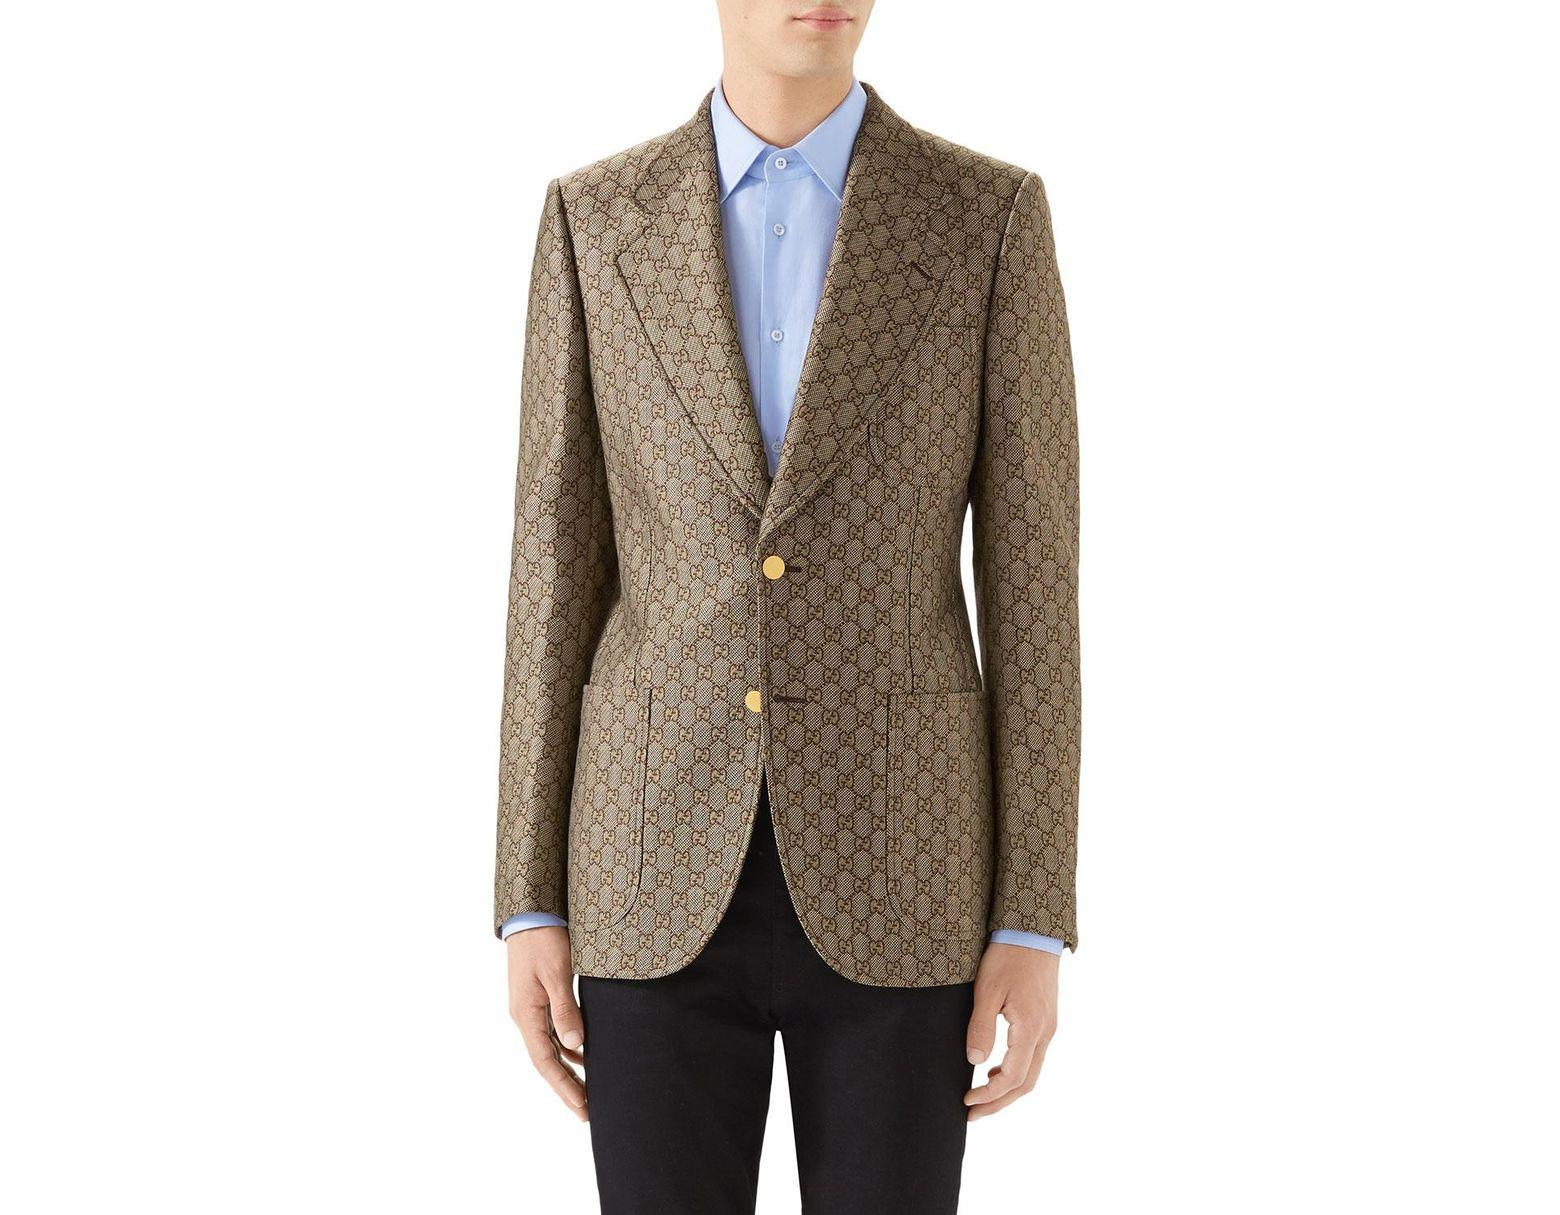 b9a723e9b Gucci Men's GG Retro Logo Blazer in Brown for Men - Lyst